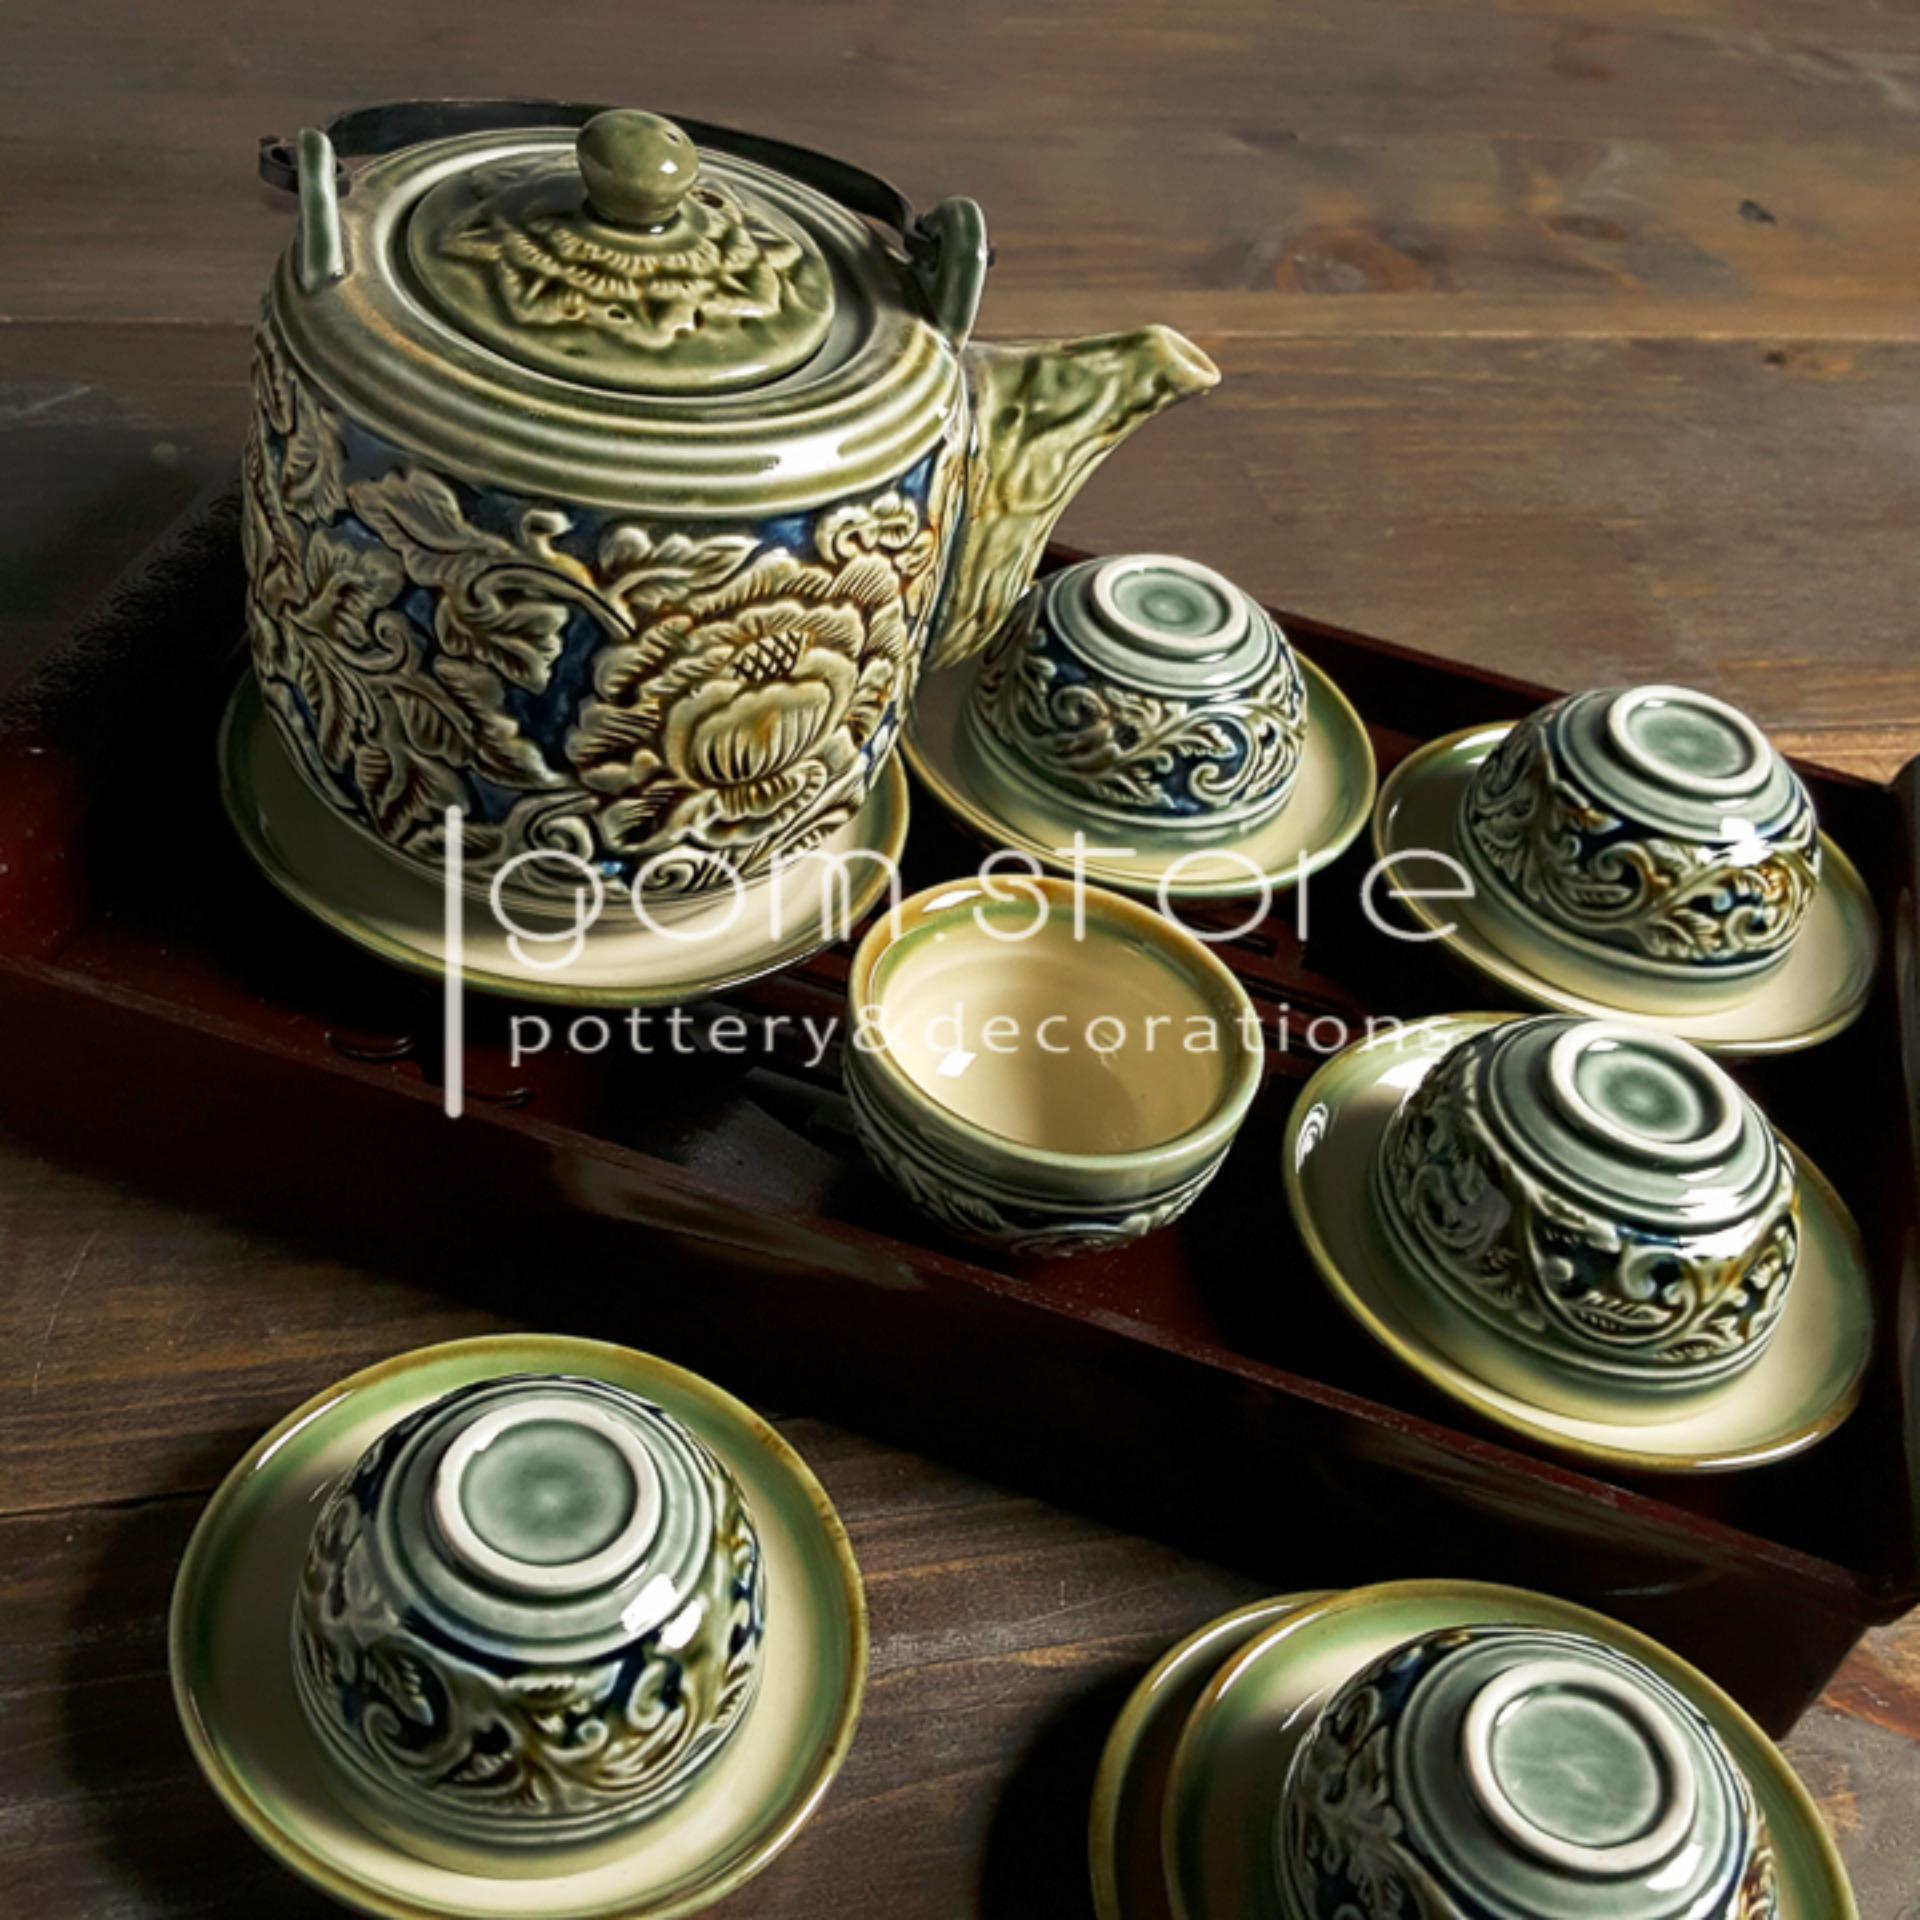 Ấm chén Bát Tràng khắc tay hoa dây nổi dáng vại men xanh đồng (Bộ ấm trà trên không kèm...